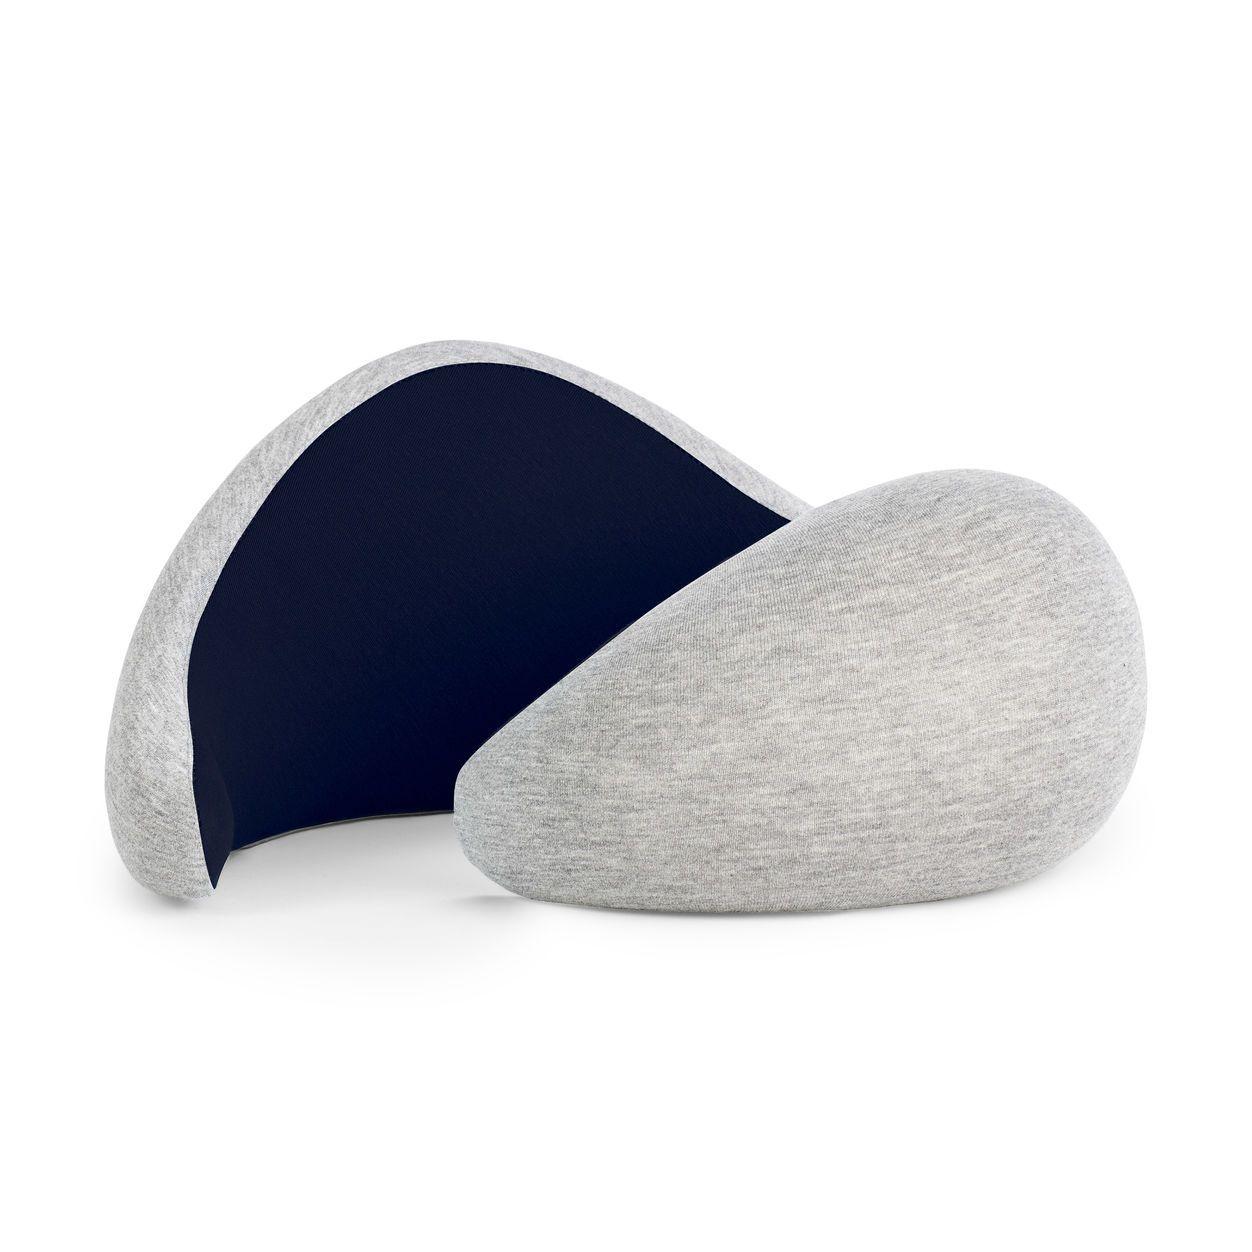 Ostrich Pillow Go Ostrich Modern Accessories Travel Pillow